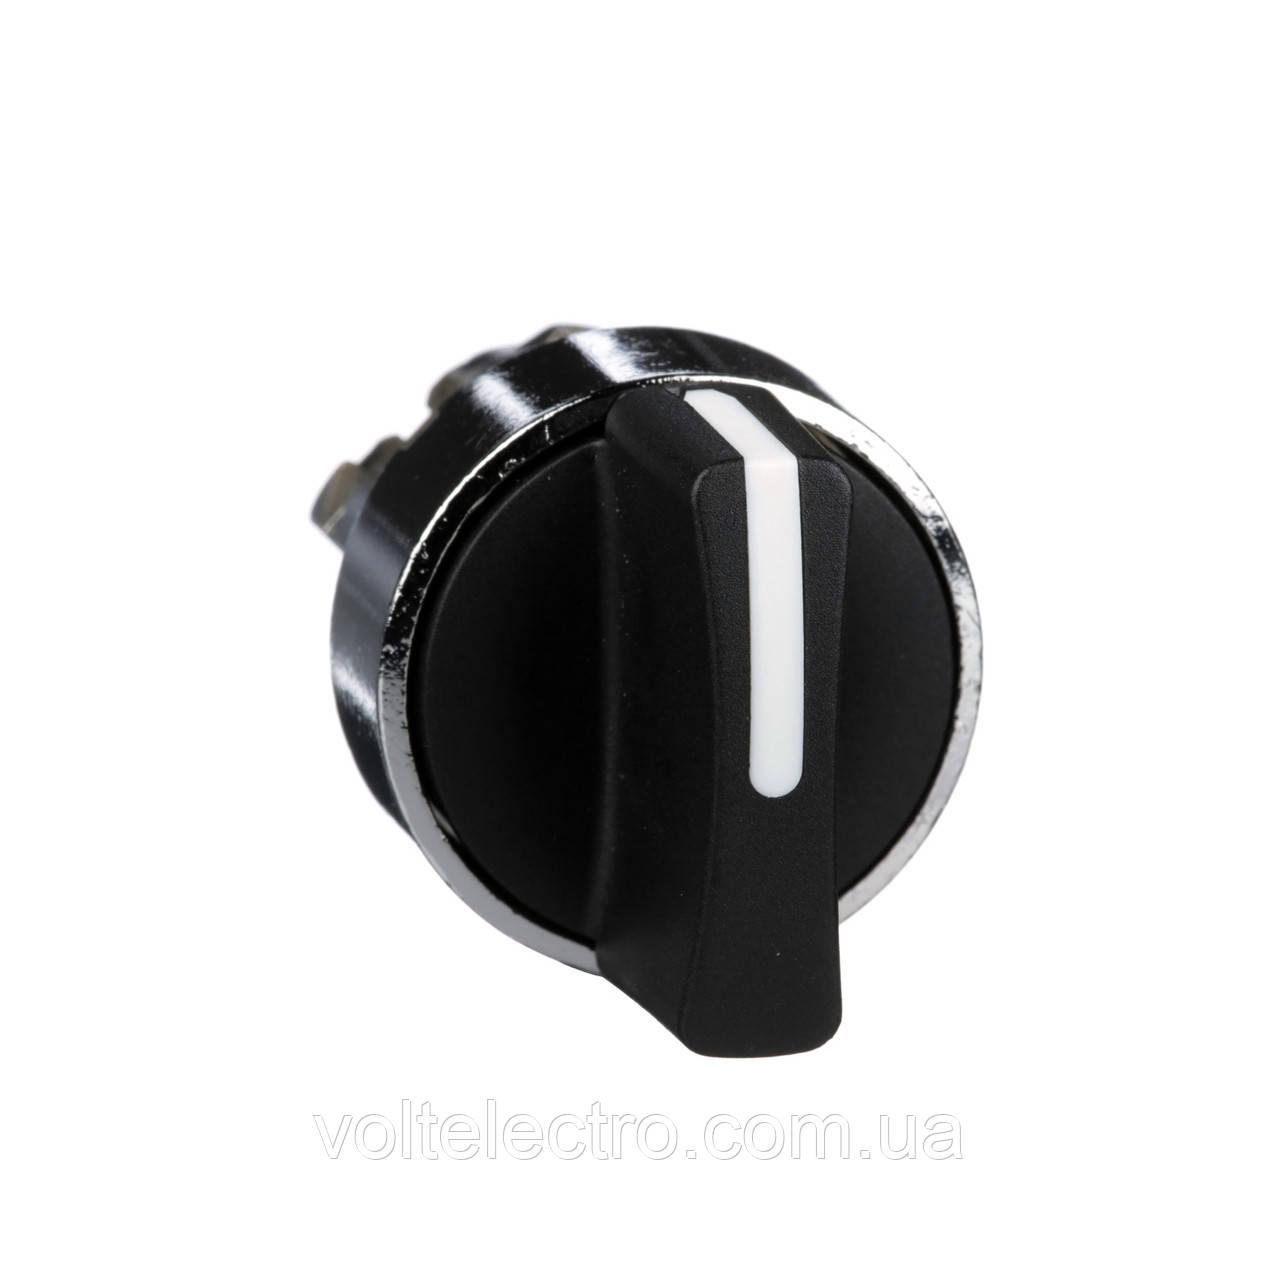 Головка для переключателя 22 мм 3 позиции черная